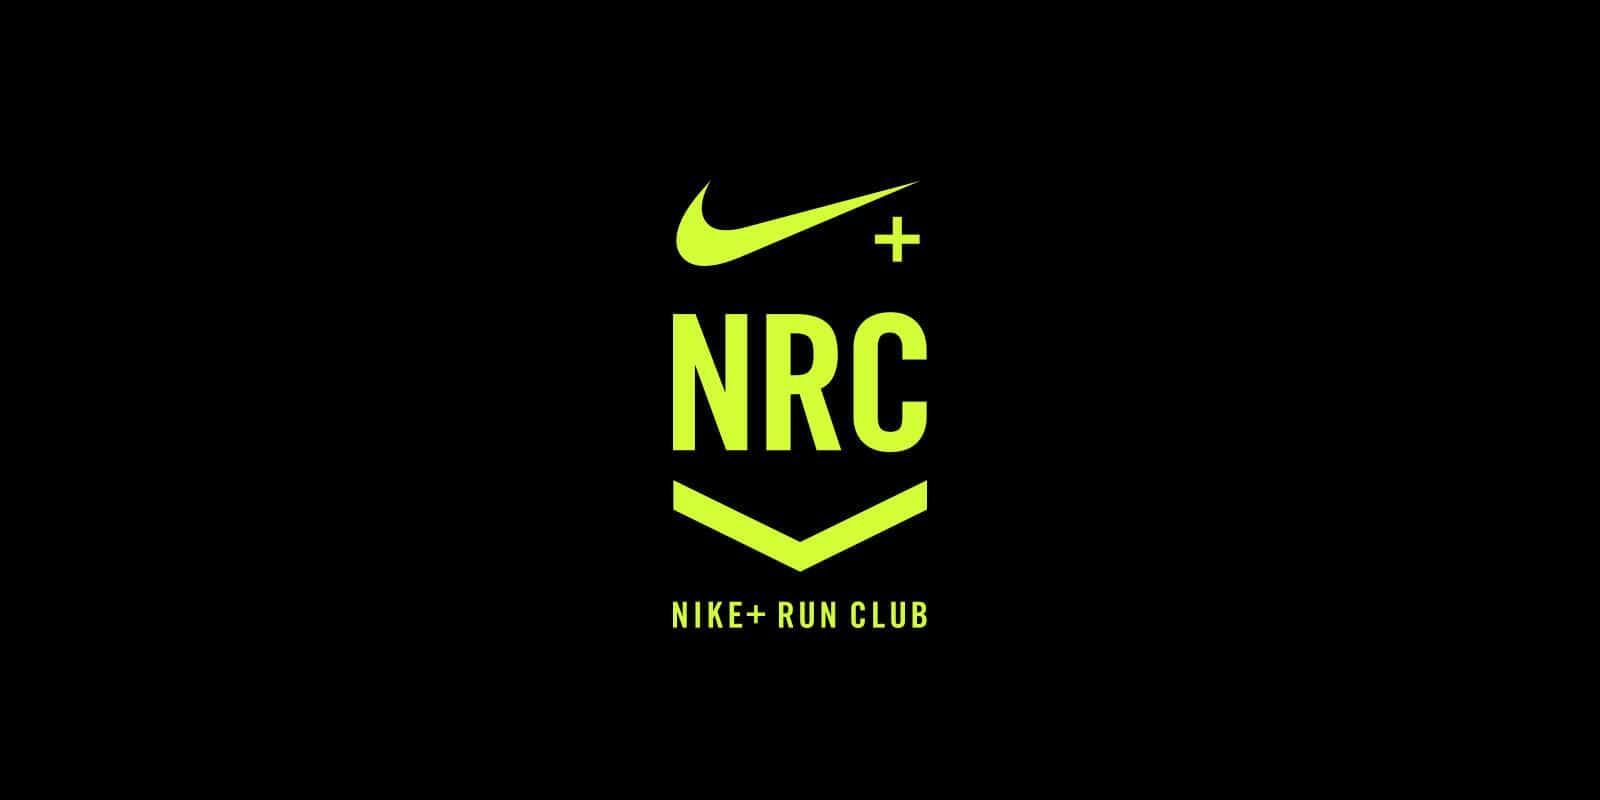 Hướng dẫn chuyển đổi đơn vị từ dặm sang km trên Nike+ Run Club